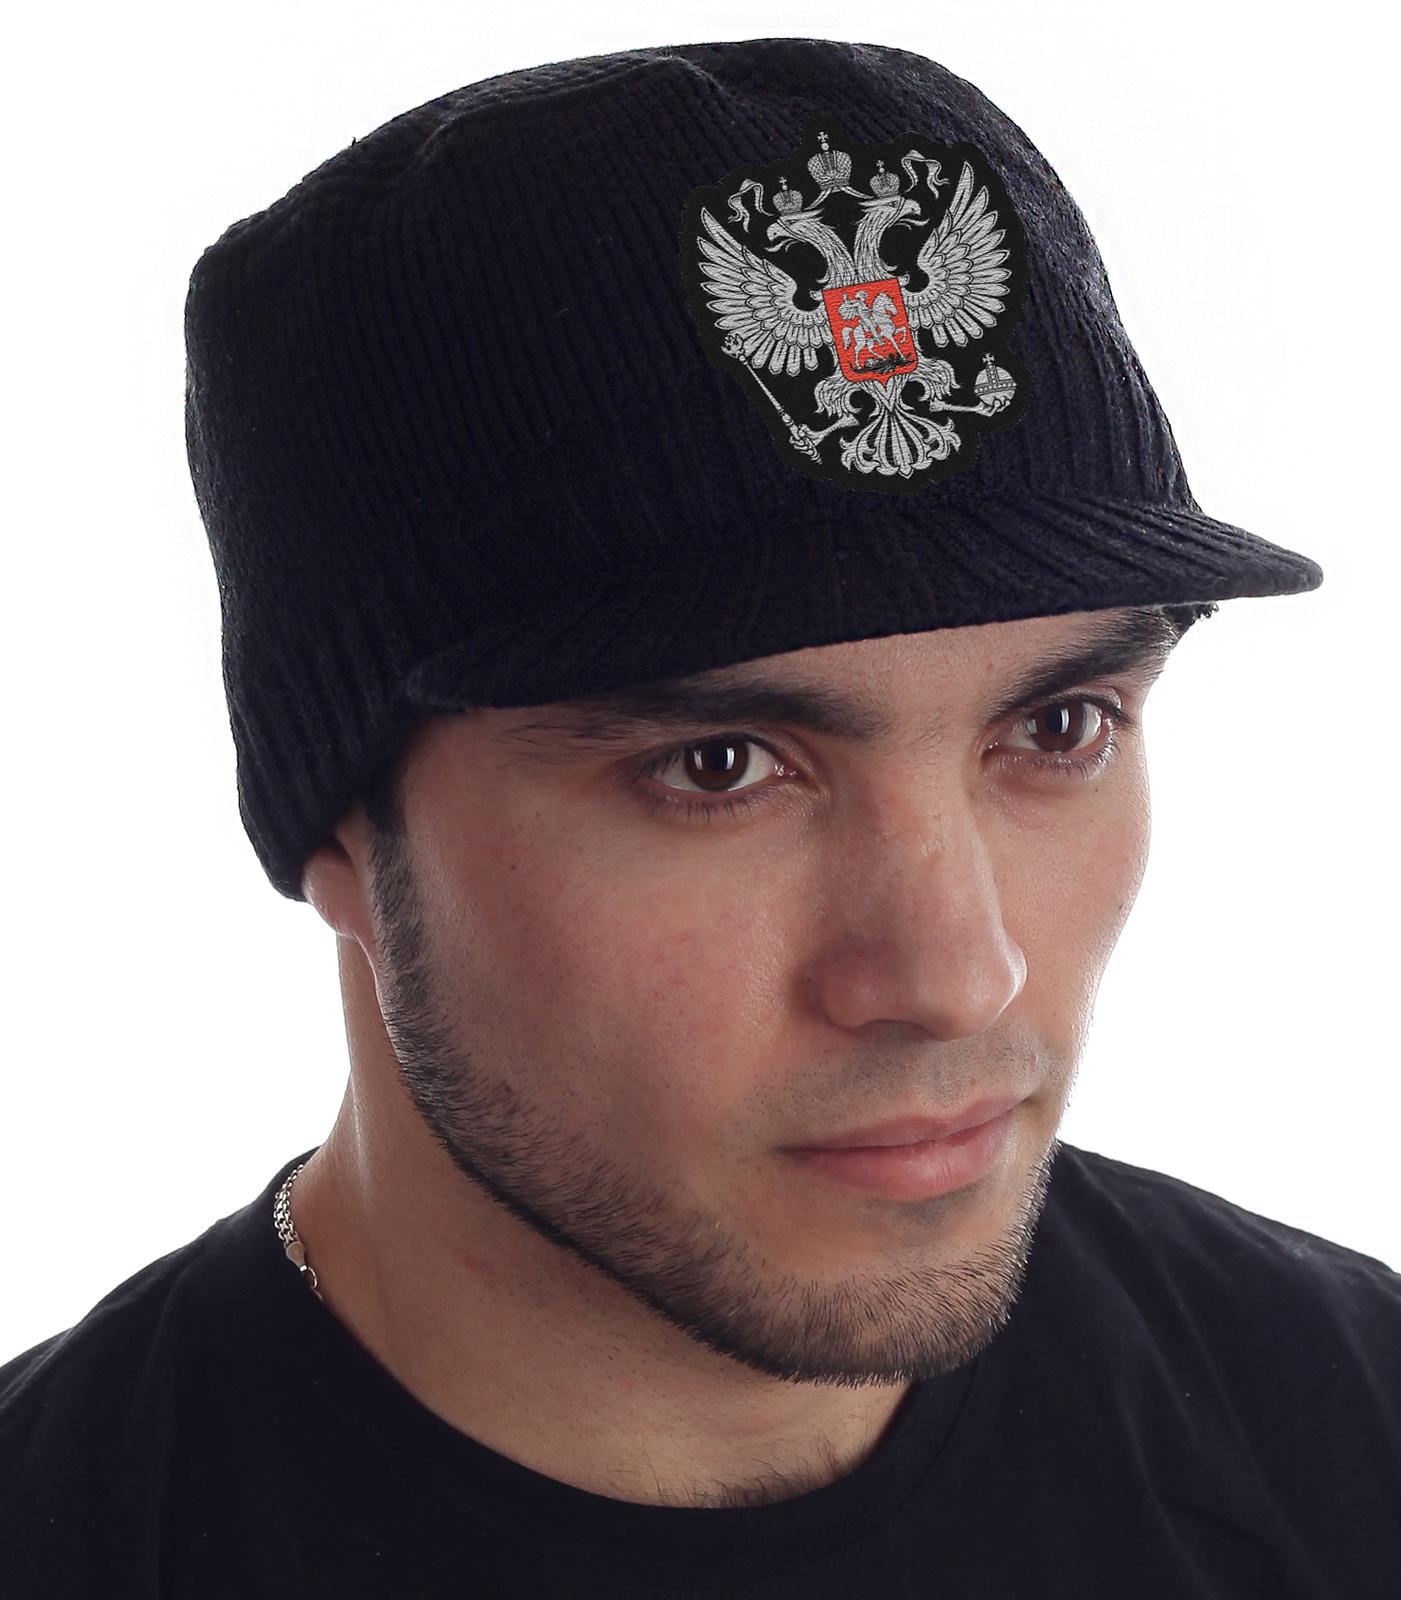 Брендовые мужские кепки осень-зима. Низкие цены, шикарный выбор